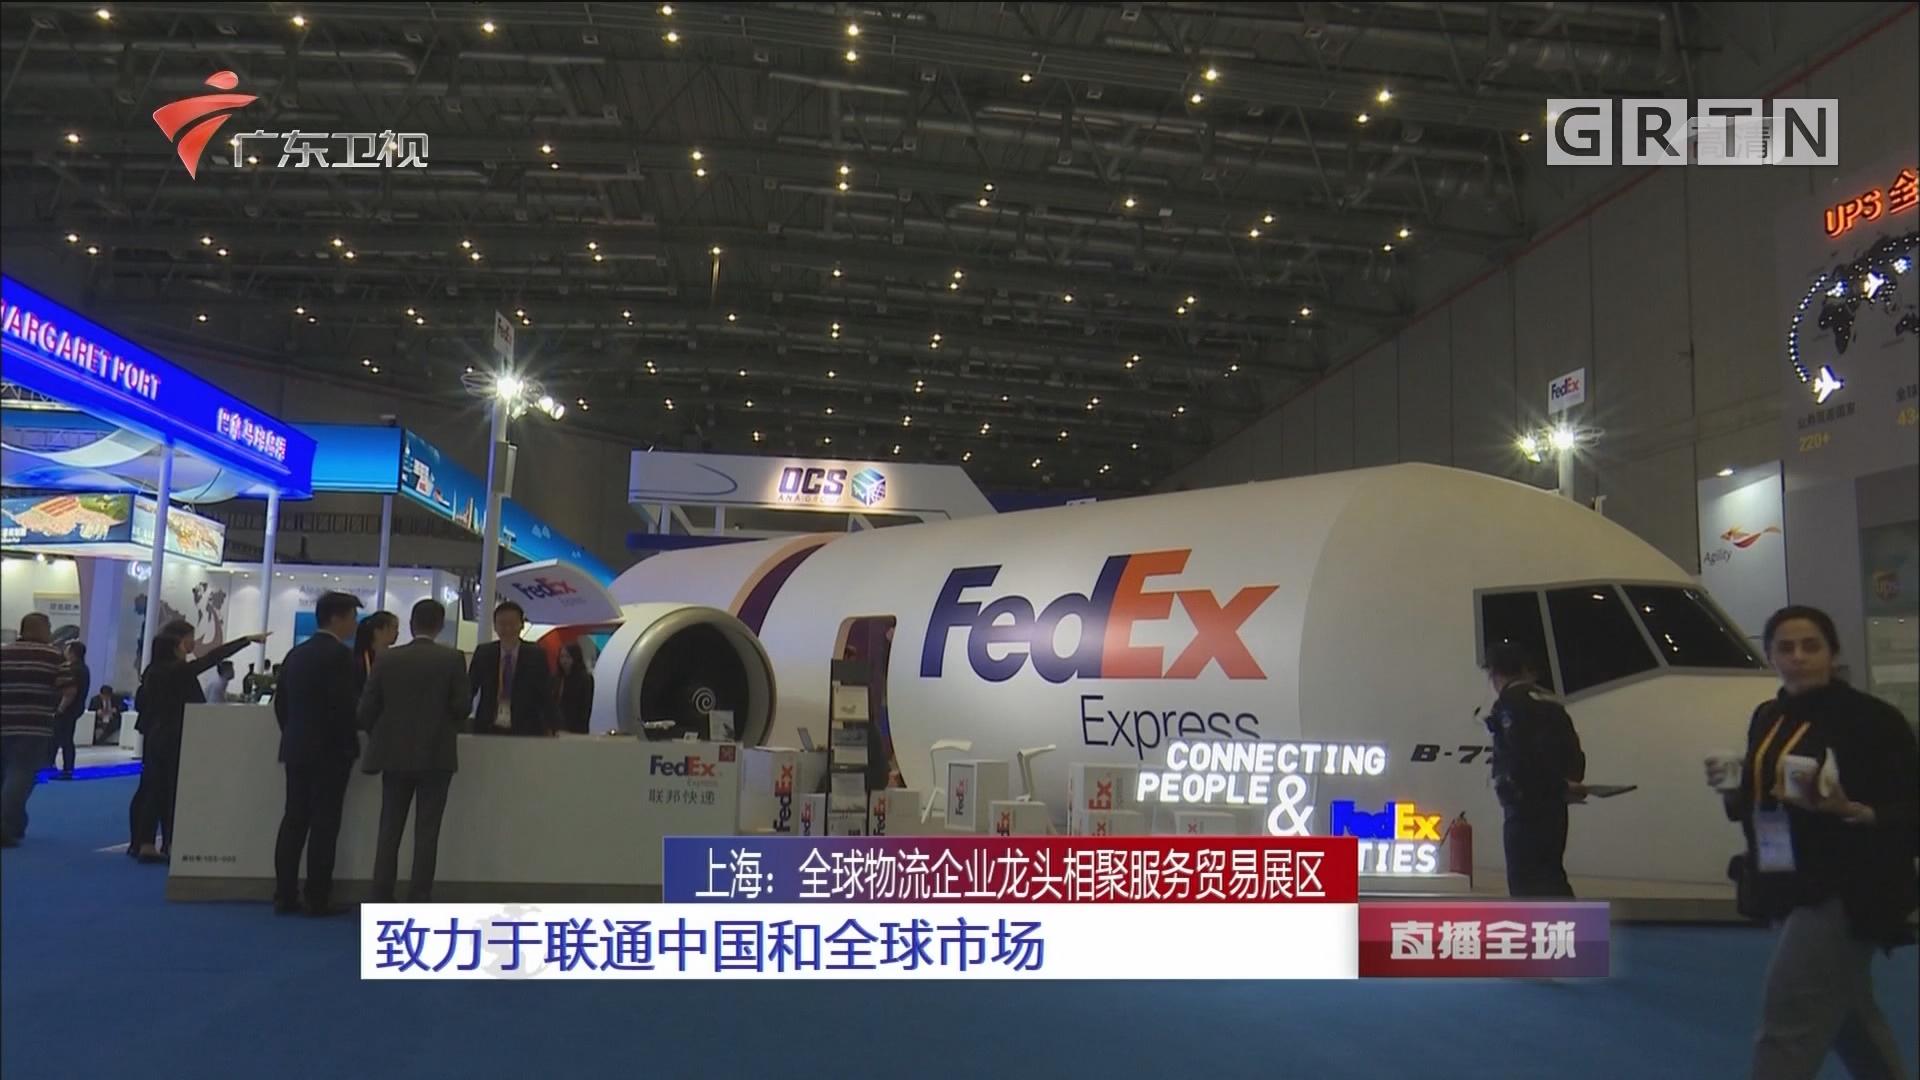 上海:全球物流企业龙头相聚服务贸易展区 致力于联通中国和全球市场